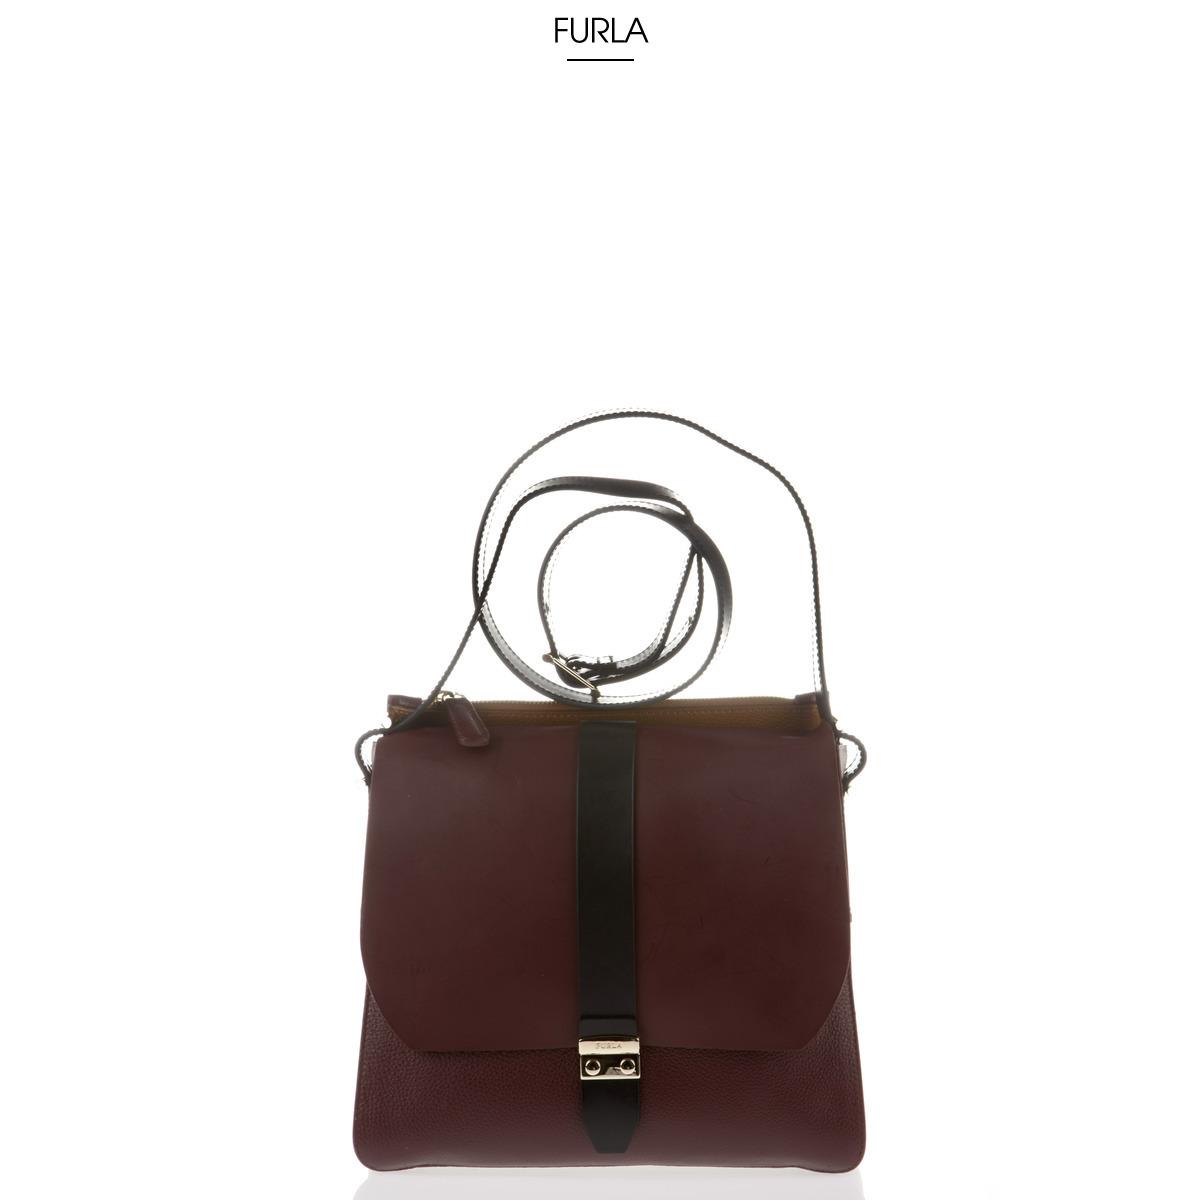 FURLA/芙拉 代购 女士新款时尚简约单肩斜挎包 783039